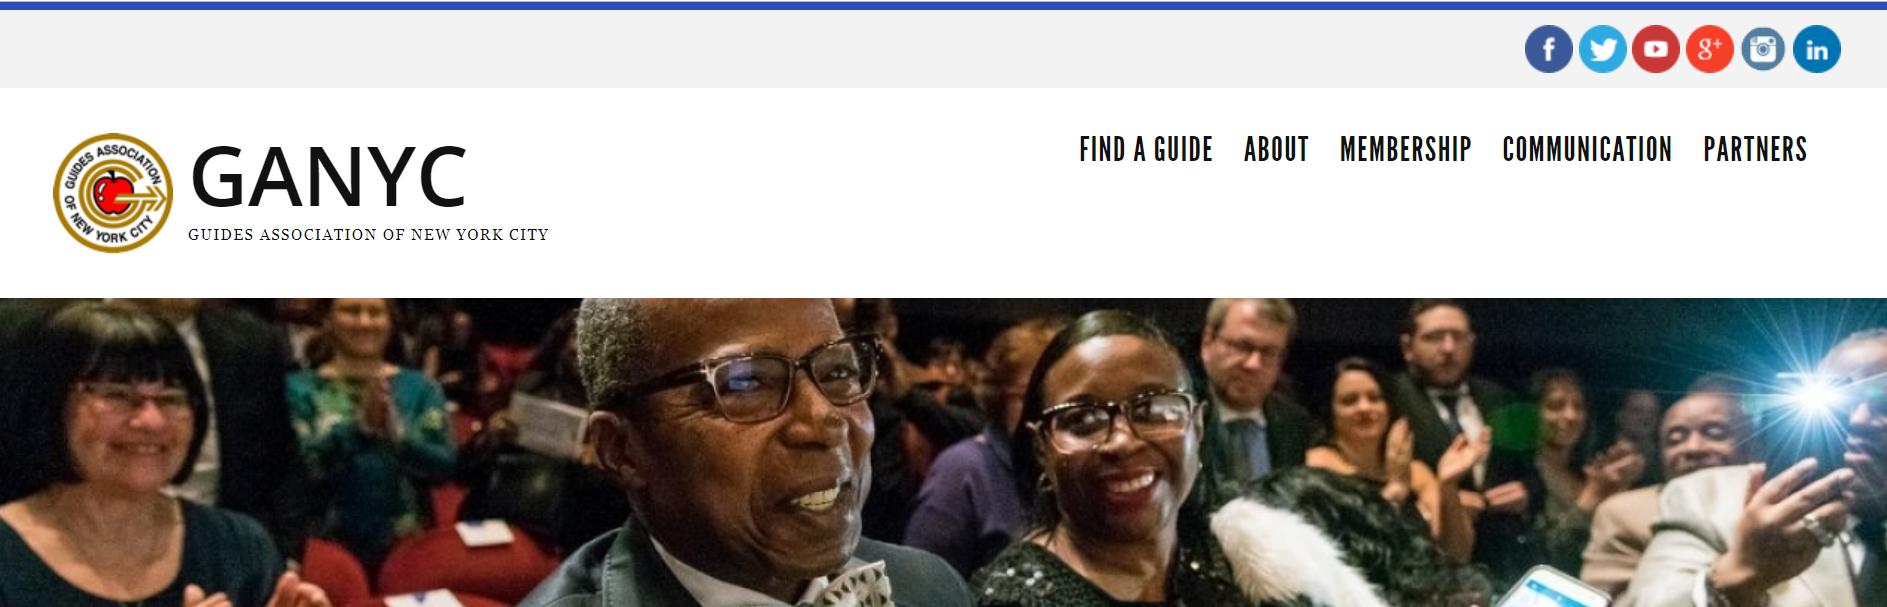 GANYC website